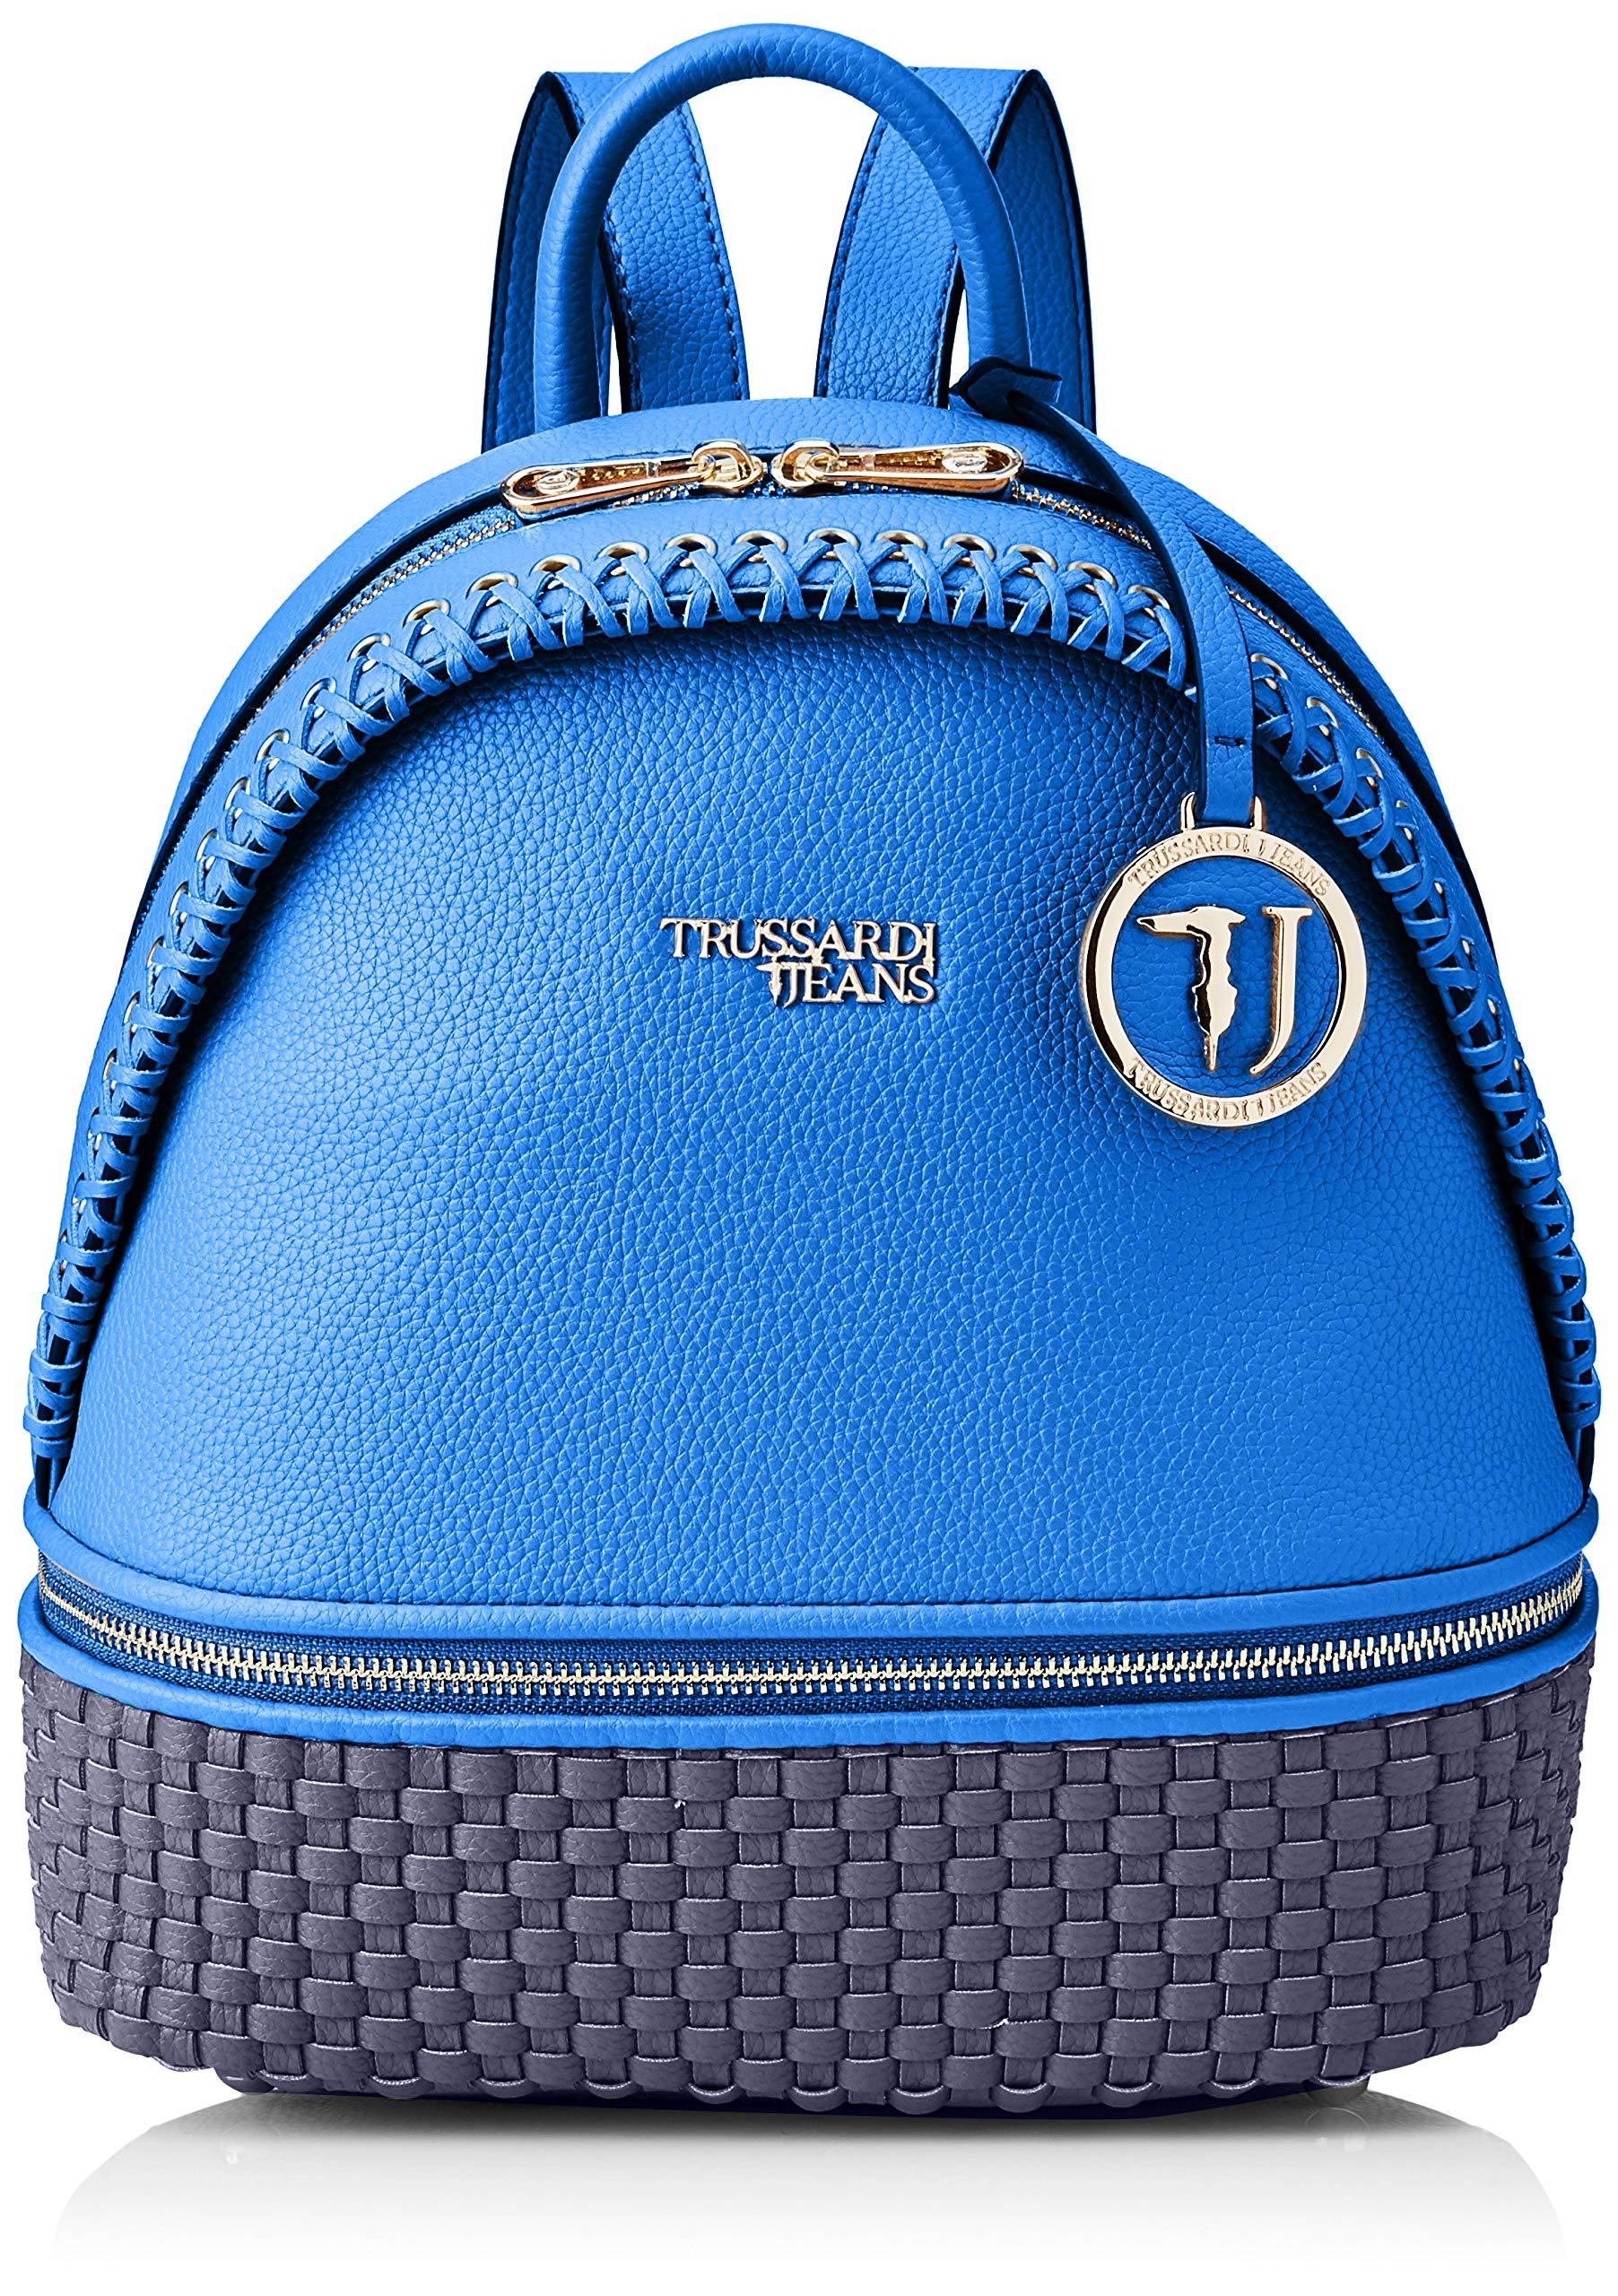 À X FemmeBleubluette27 Mimosa OothSac Jeans Centimetersw Trussardi Dos Backpack L 5x22x13 H 354RAjqL